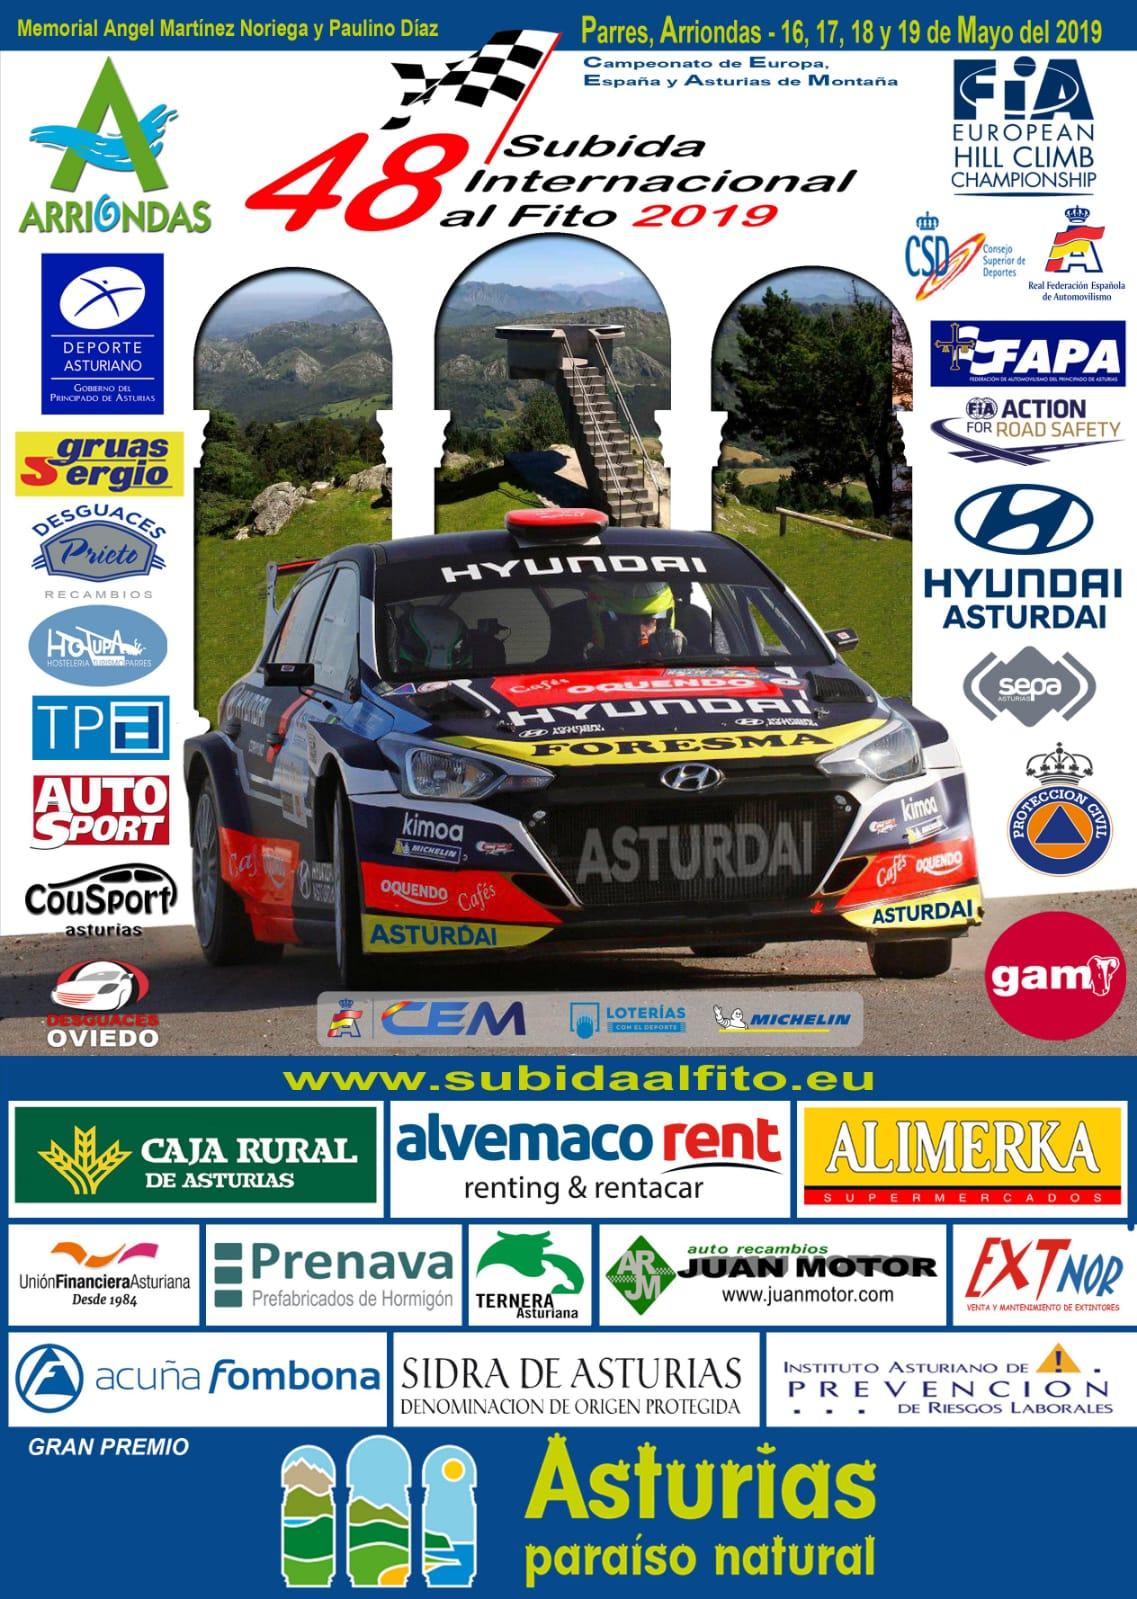 Campeonatos de Montaña Nacionales e Internacionales (FIA European Hillclimb, Berg Cup, MSA British Hillclimb, CIVM...) - Página 27 Cartel%20anunciador%202019